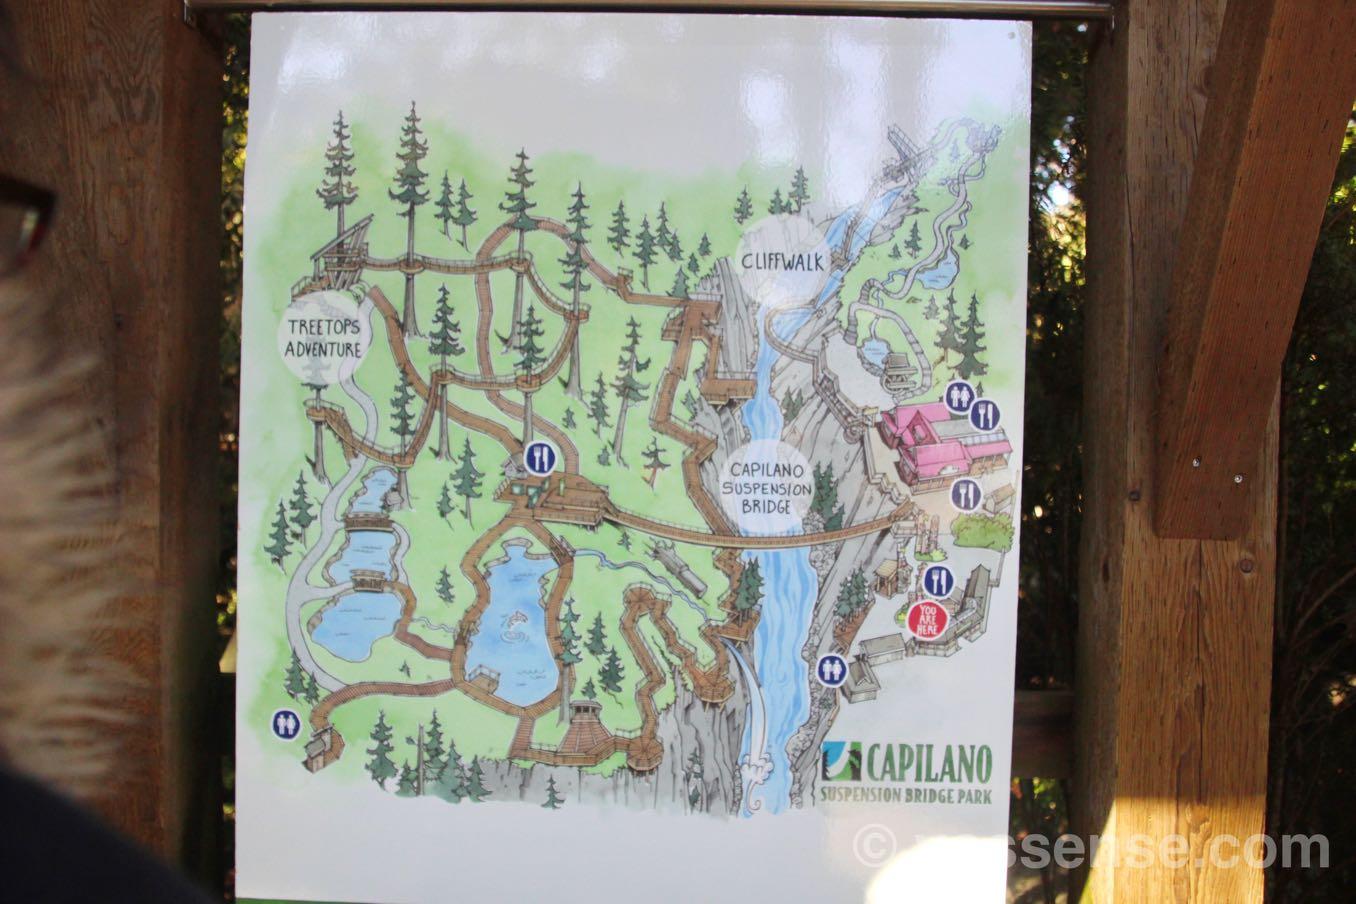 キャピラノ吊り橋公園の全体マップ